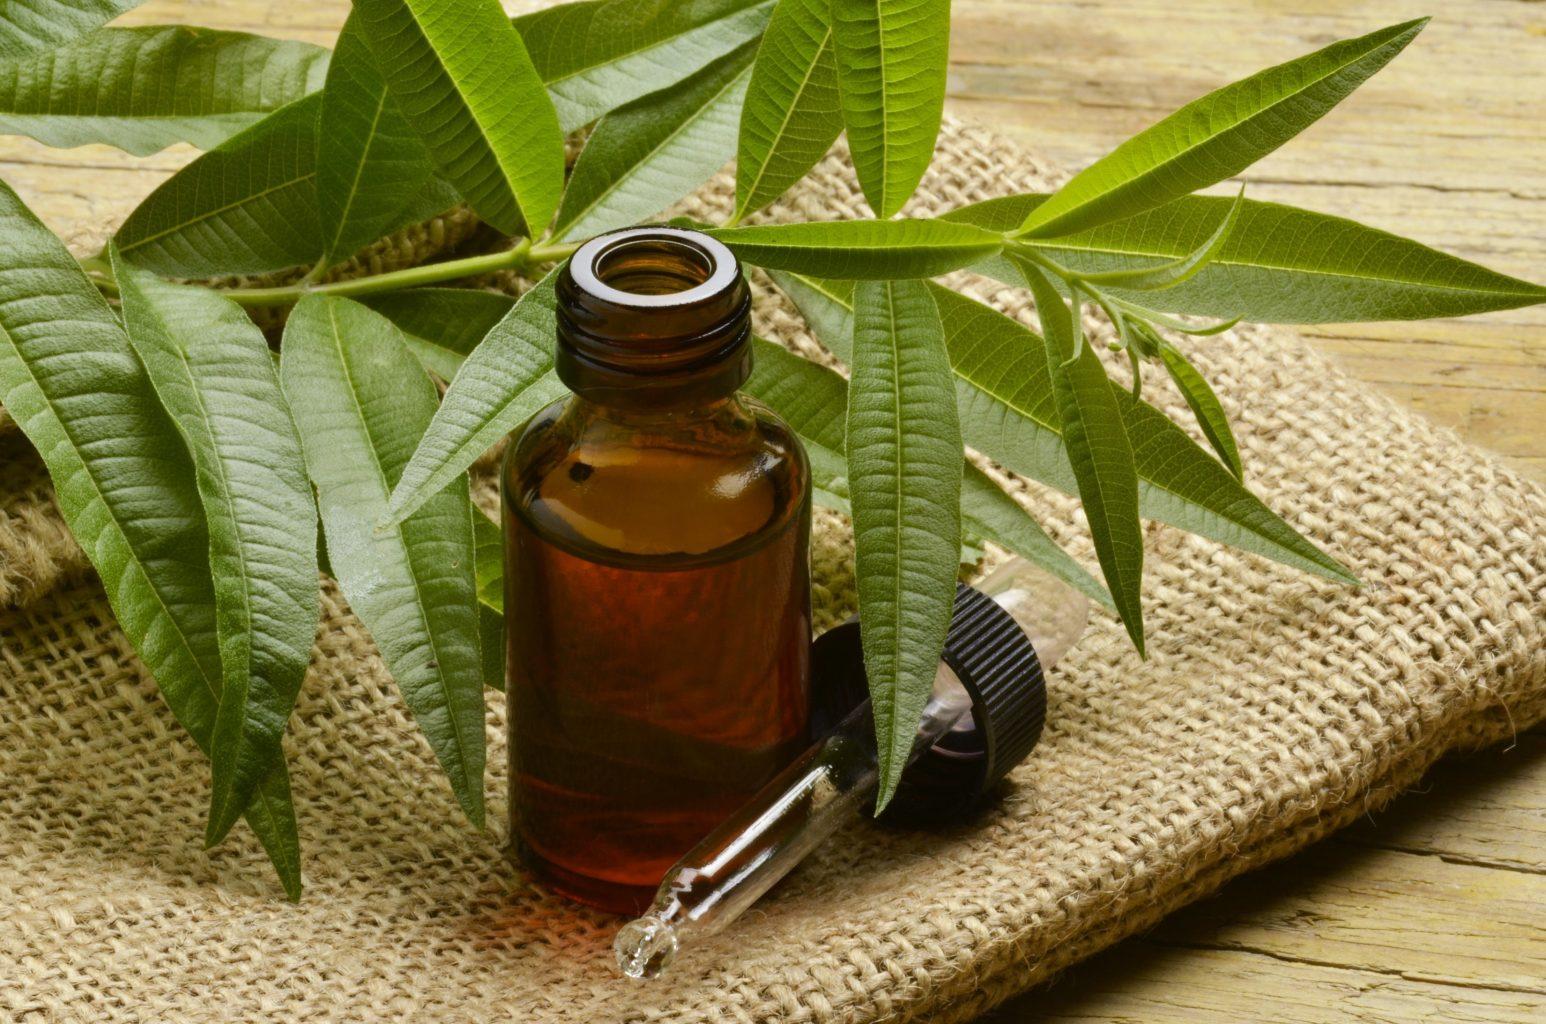 Эфирное масло чайного дерева как средство для лечения папиллом и бородавок